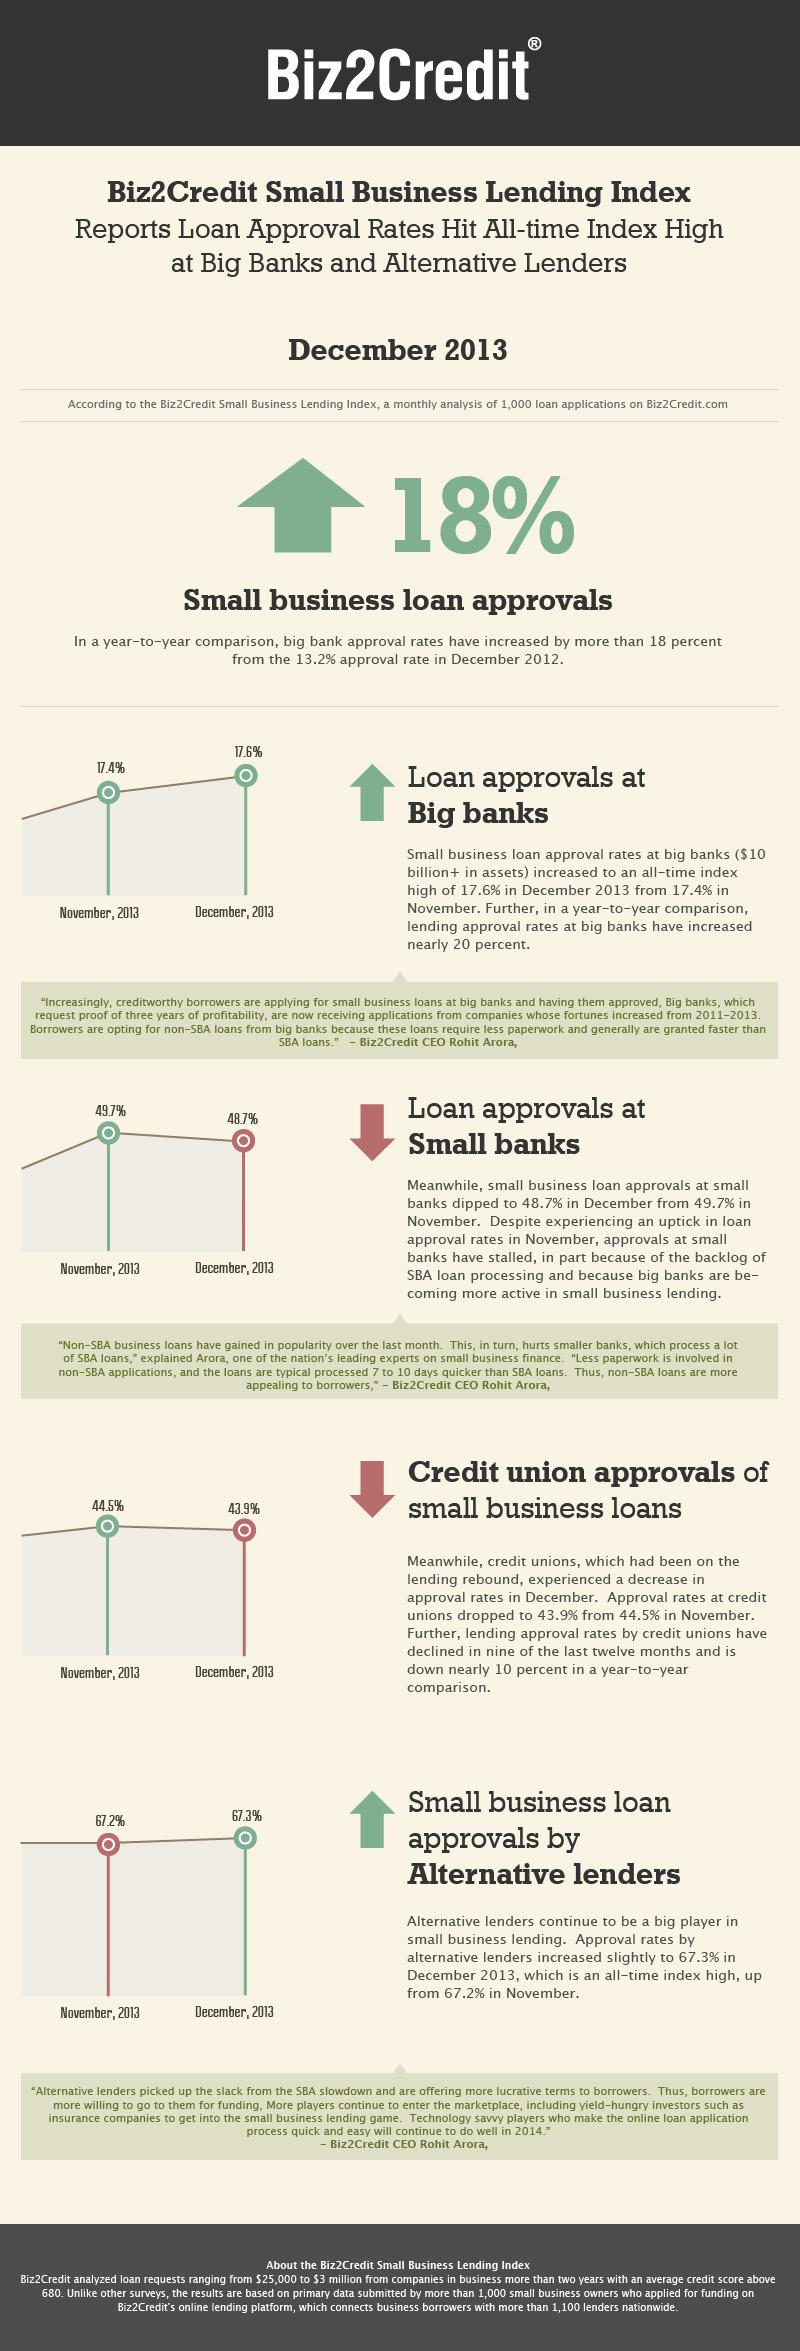 Dec 2013 Lending Index Infographic